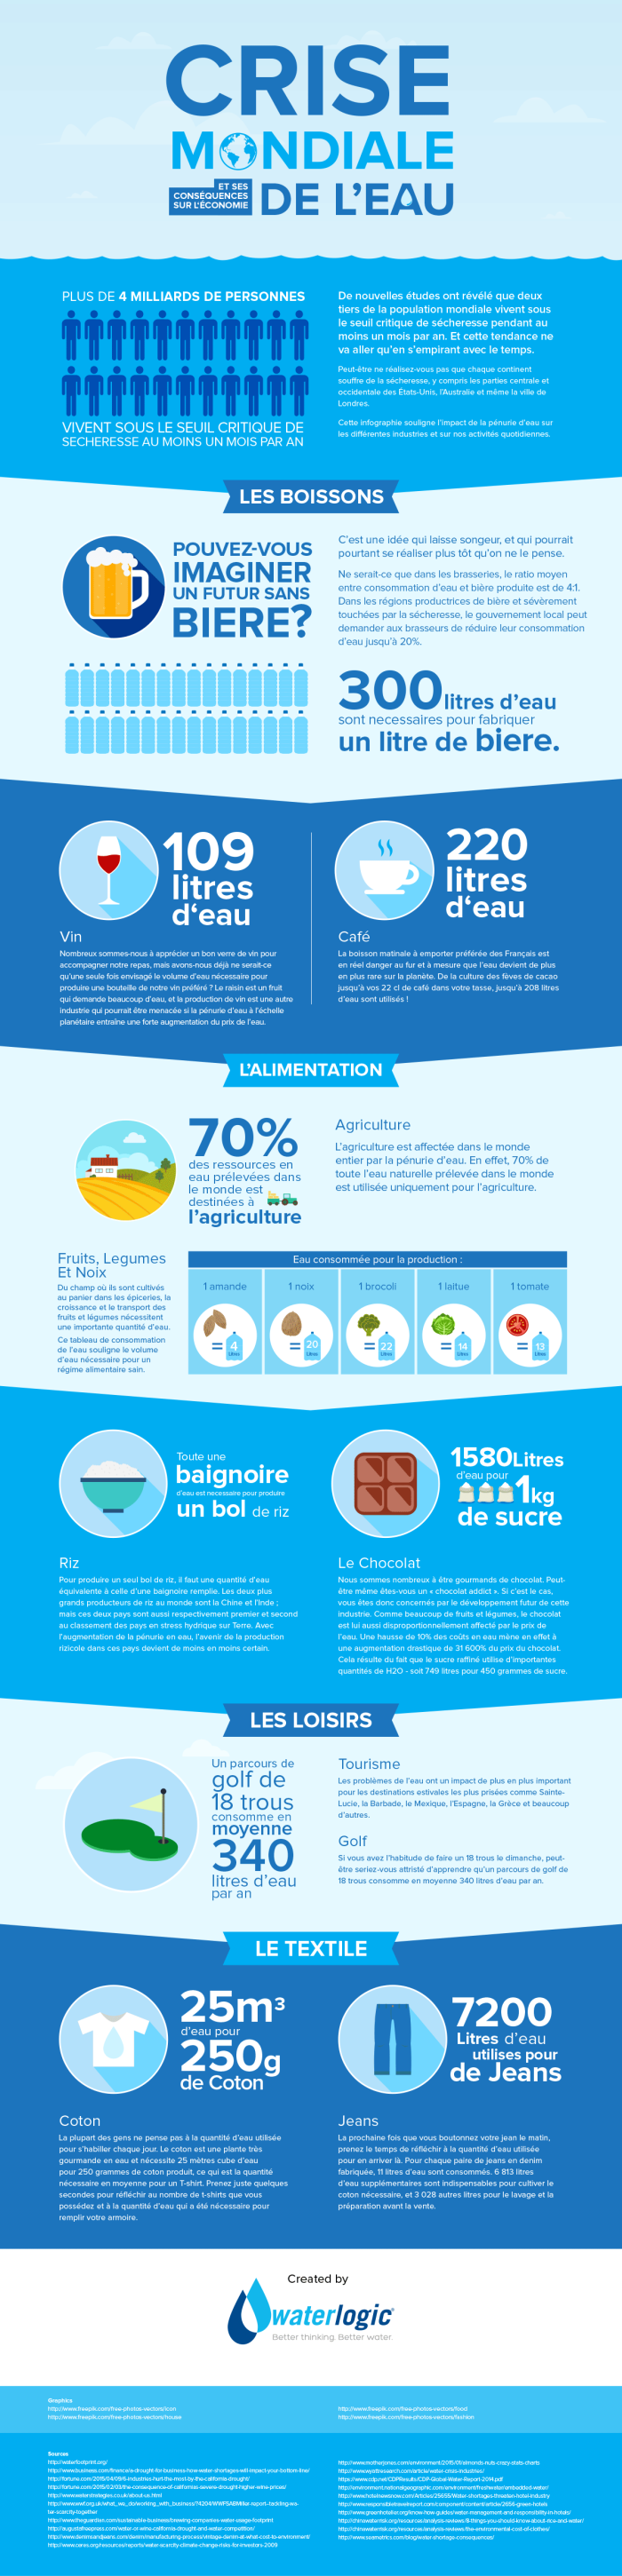 infographie crise mondiale de l'eau